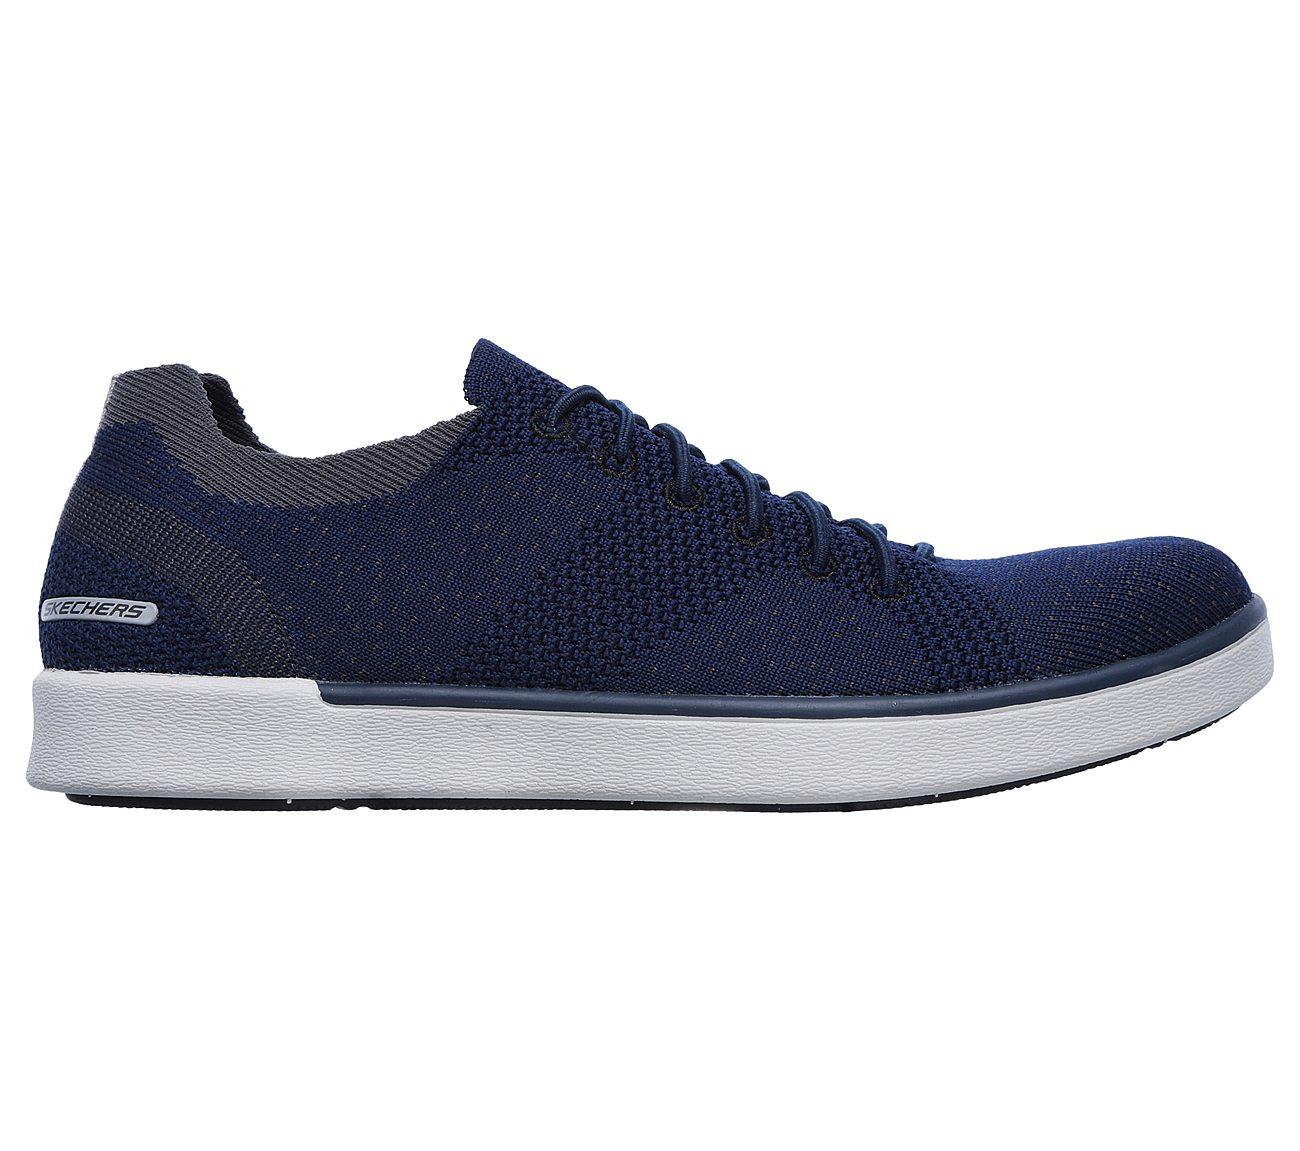 Skechers Classic Fit Molsen Sneaker Men's Shoes | DSW